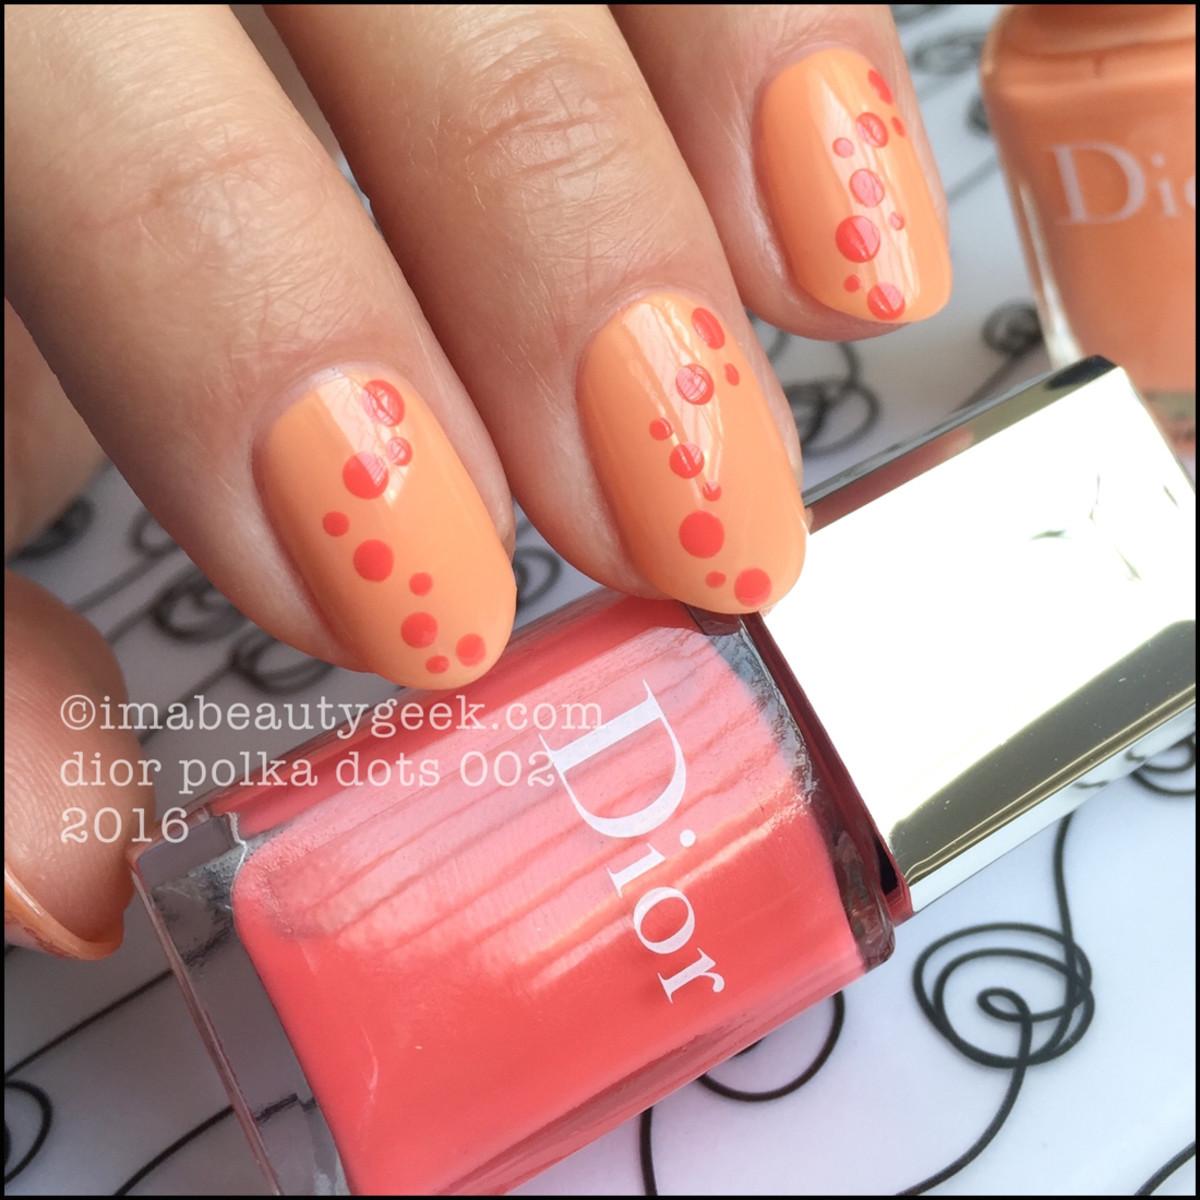 Dior Polka Dots 002_Dior Vernis 432 and 652 Summer 2016